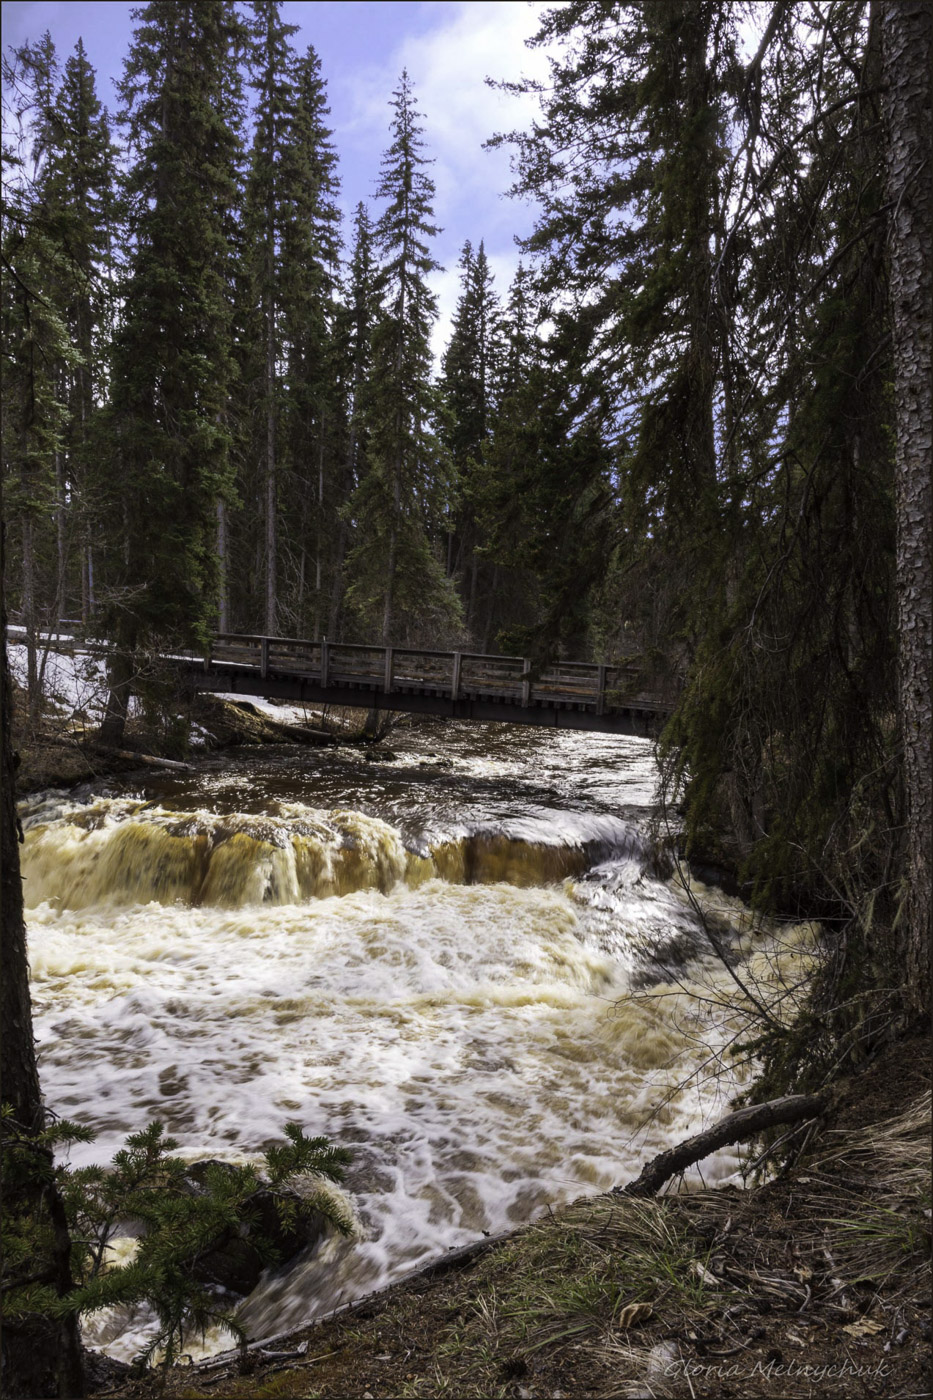 Moffat Creek Muddy Waters - Gloria Melnychuk